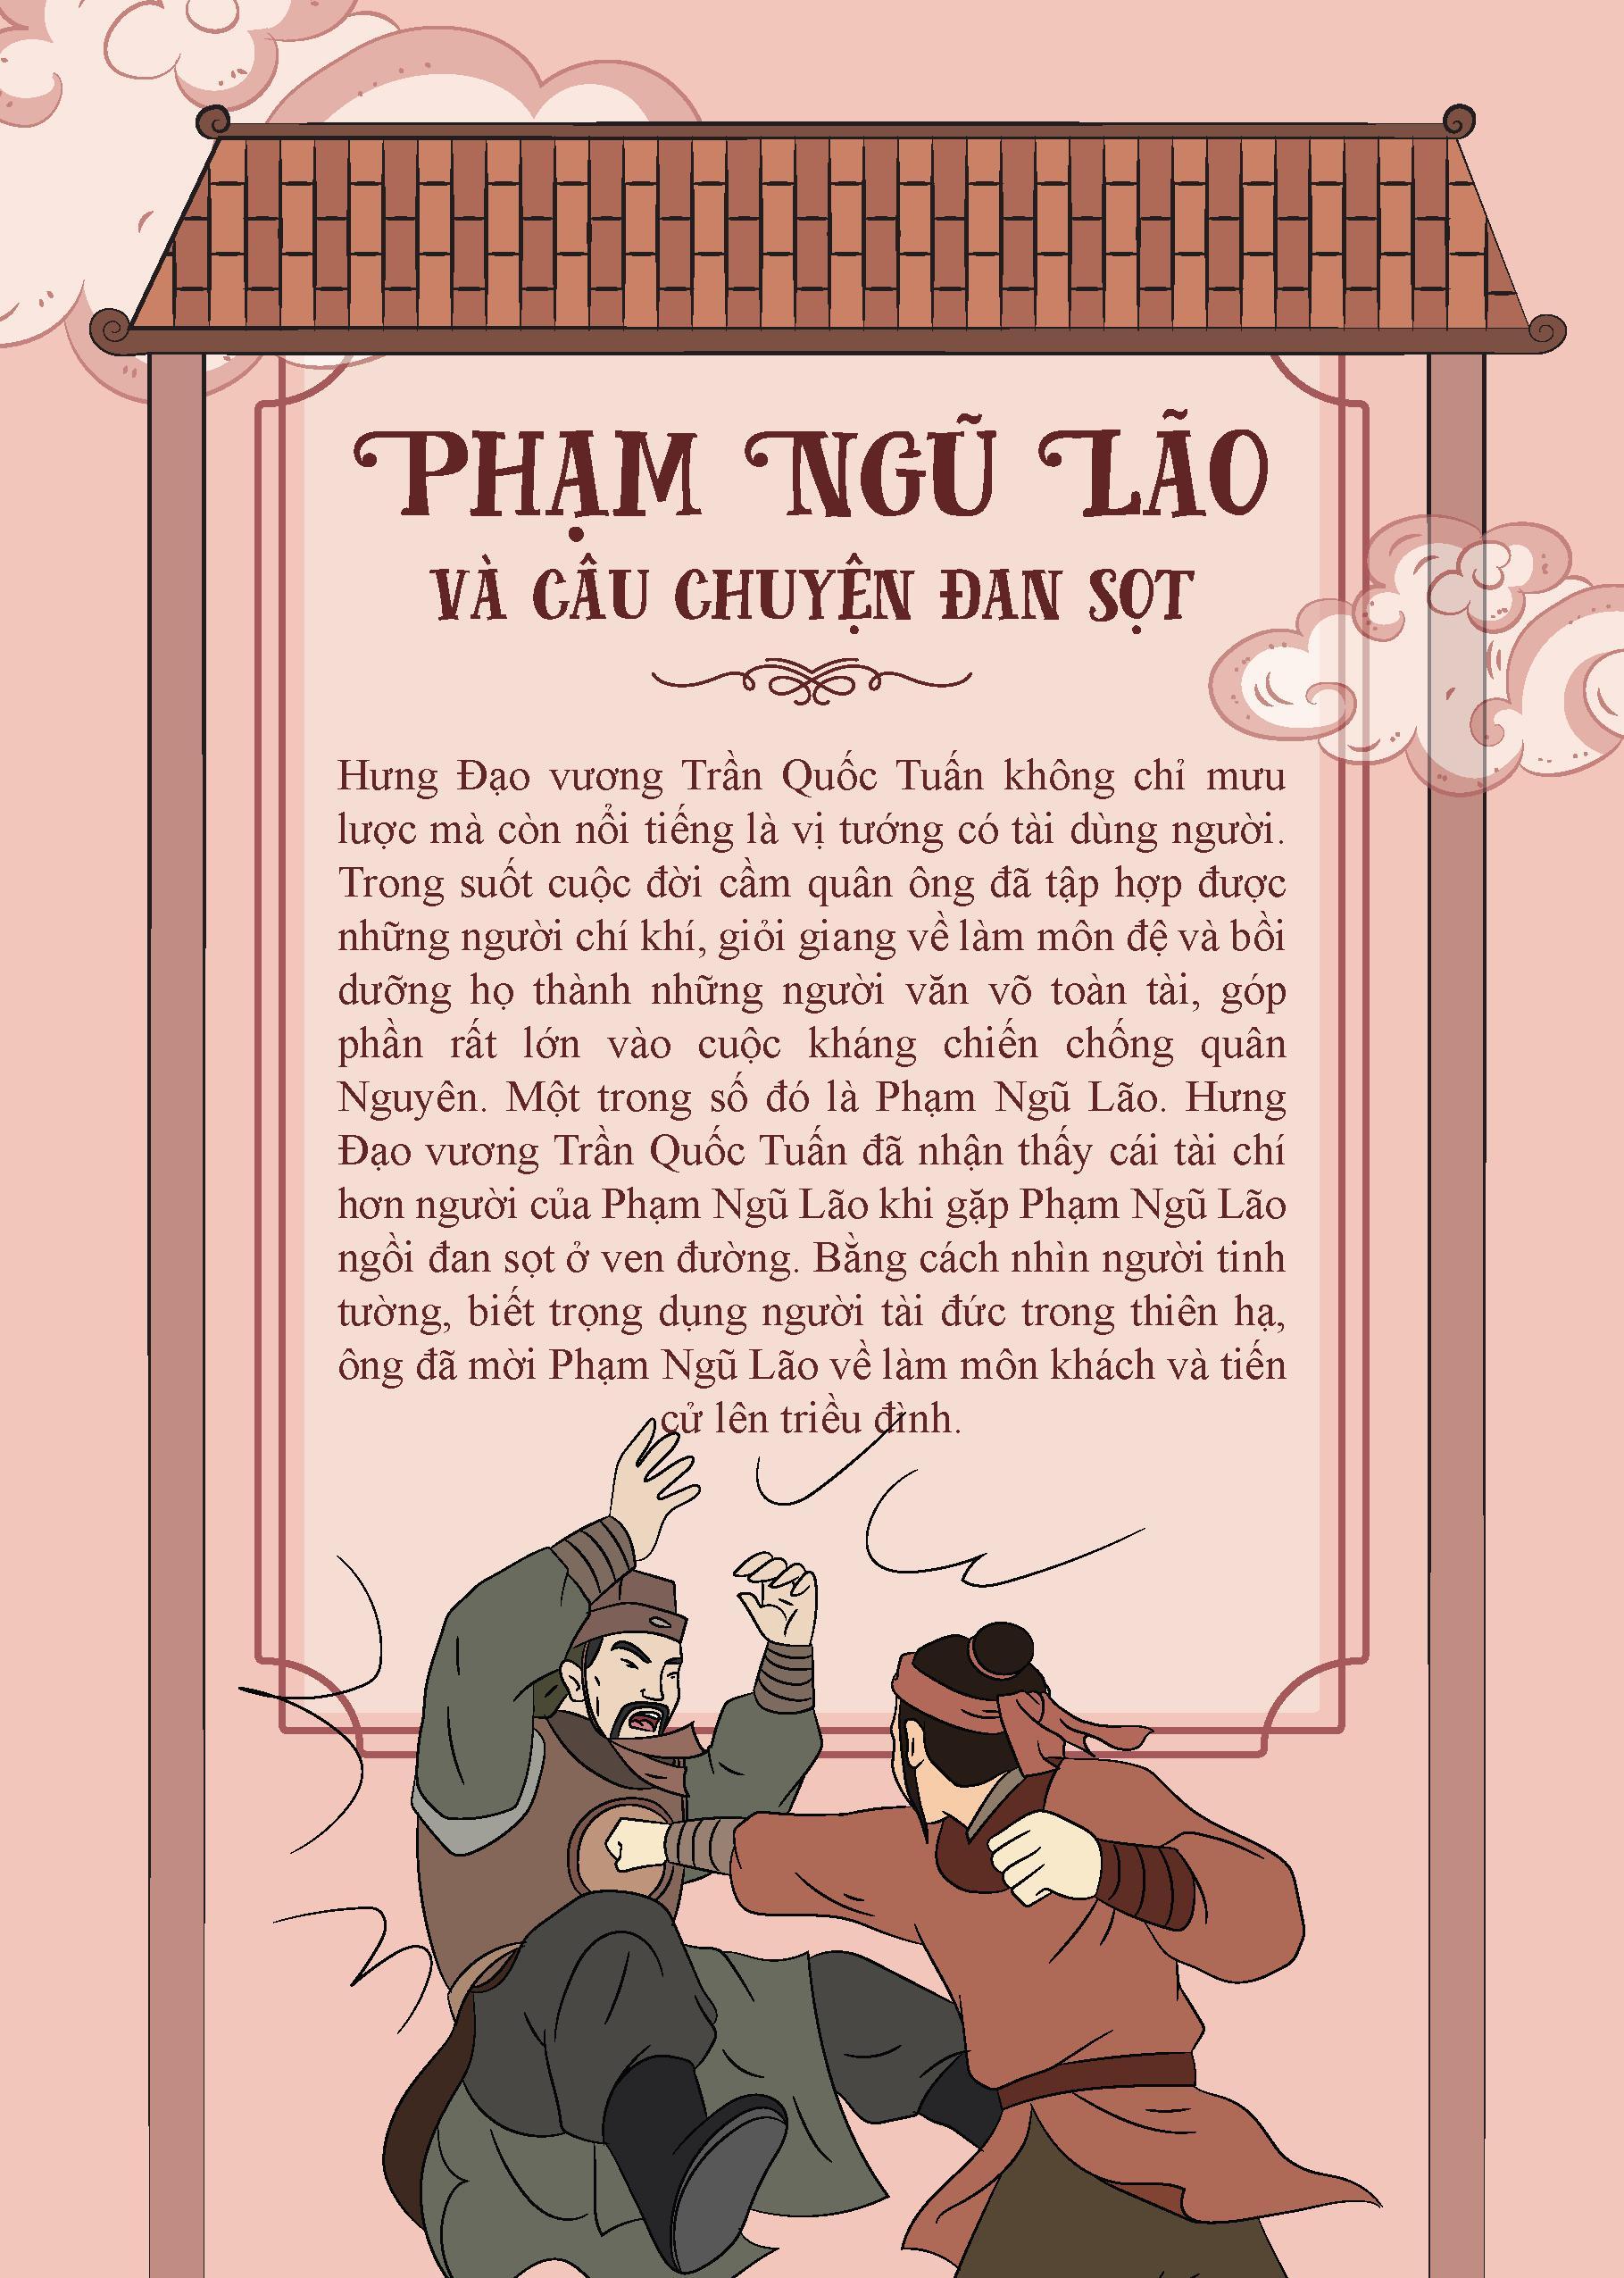 Bộ Truyện Tranh Lịch Sử Việt Nam - Khát Vọng Non Sông: Phạm Ngũ Lão Và Câu Chuyện Đan Sọt